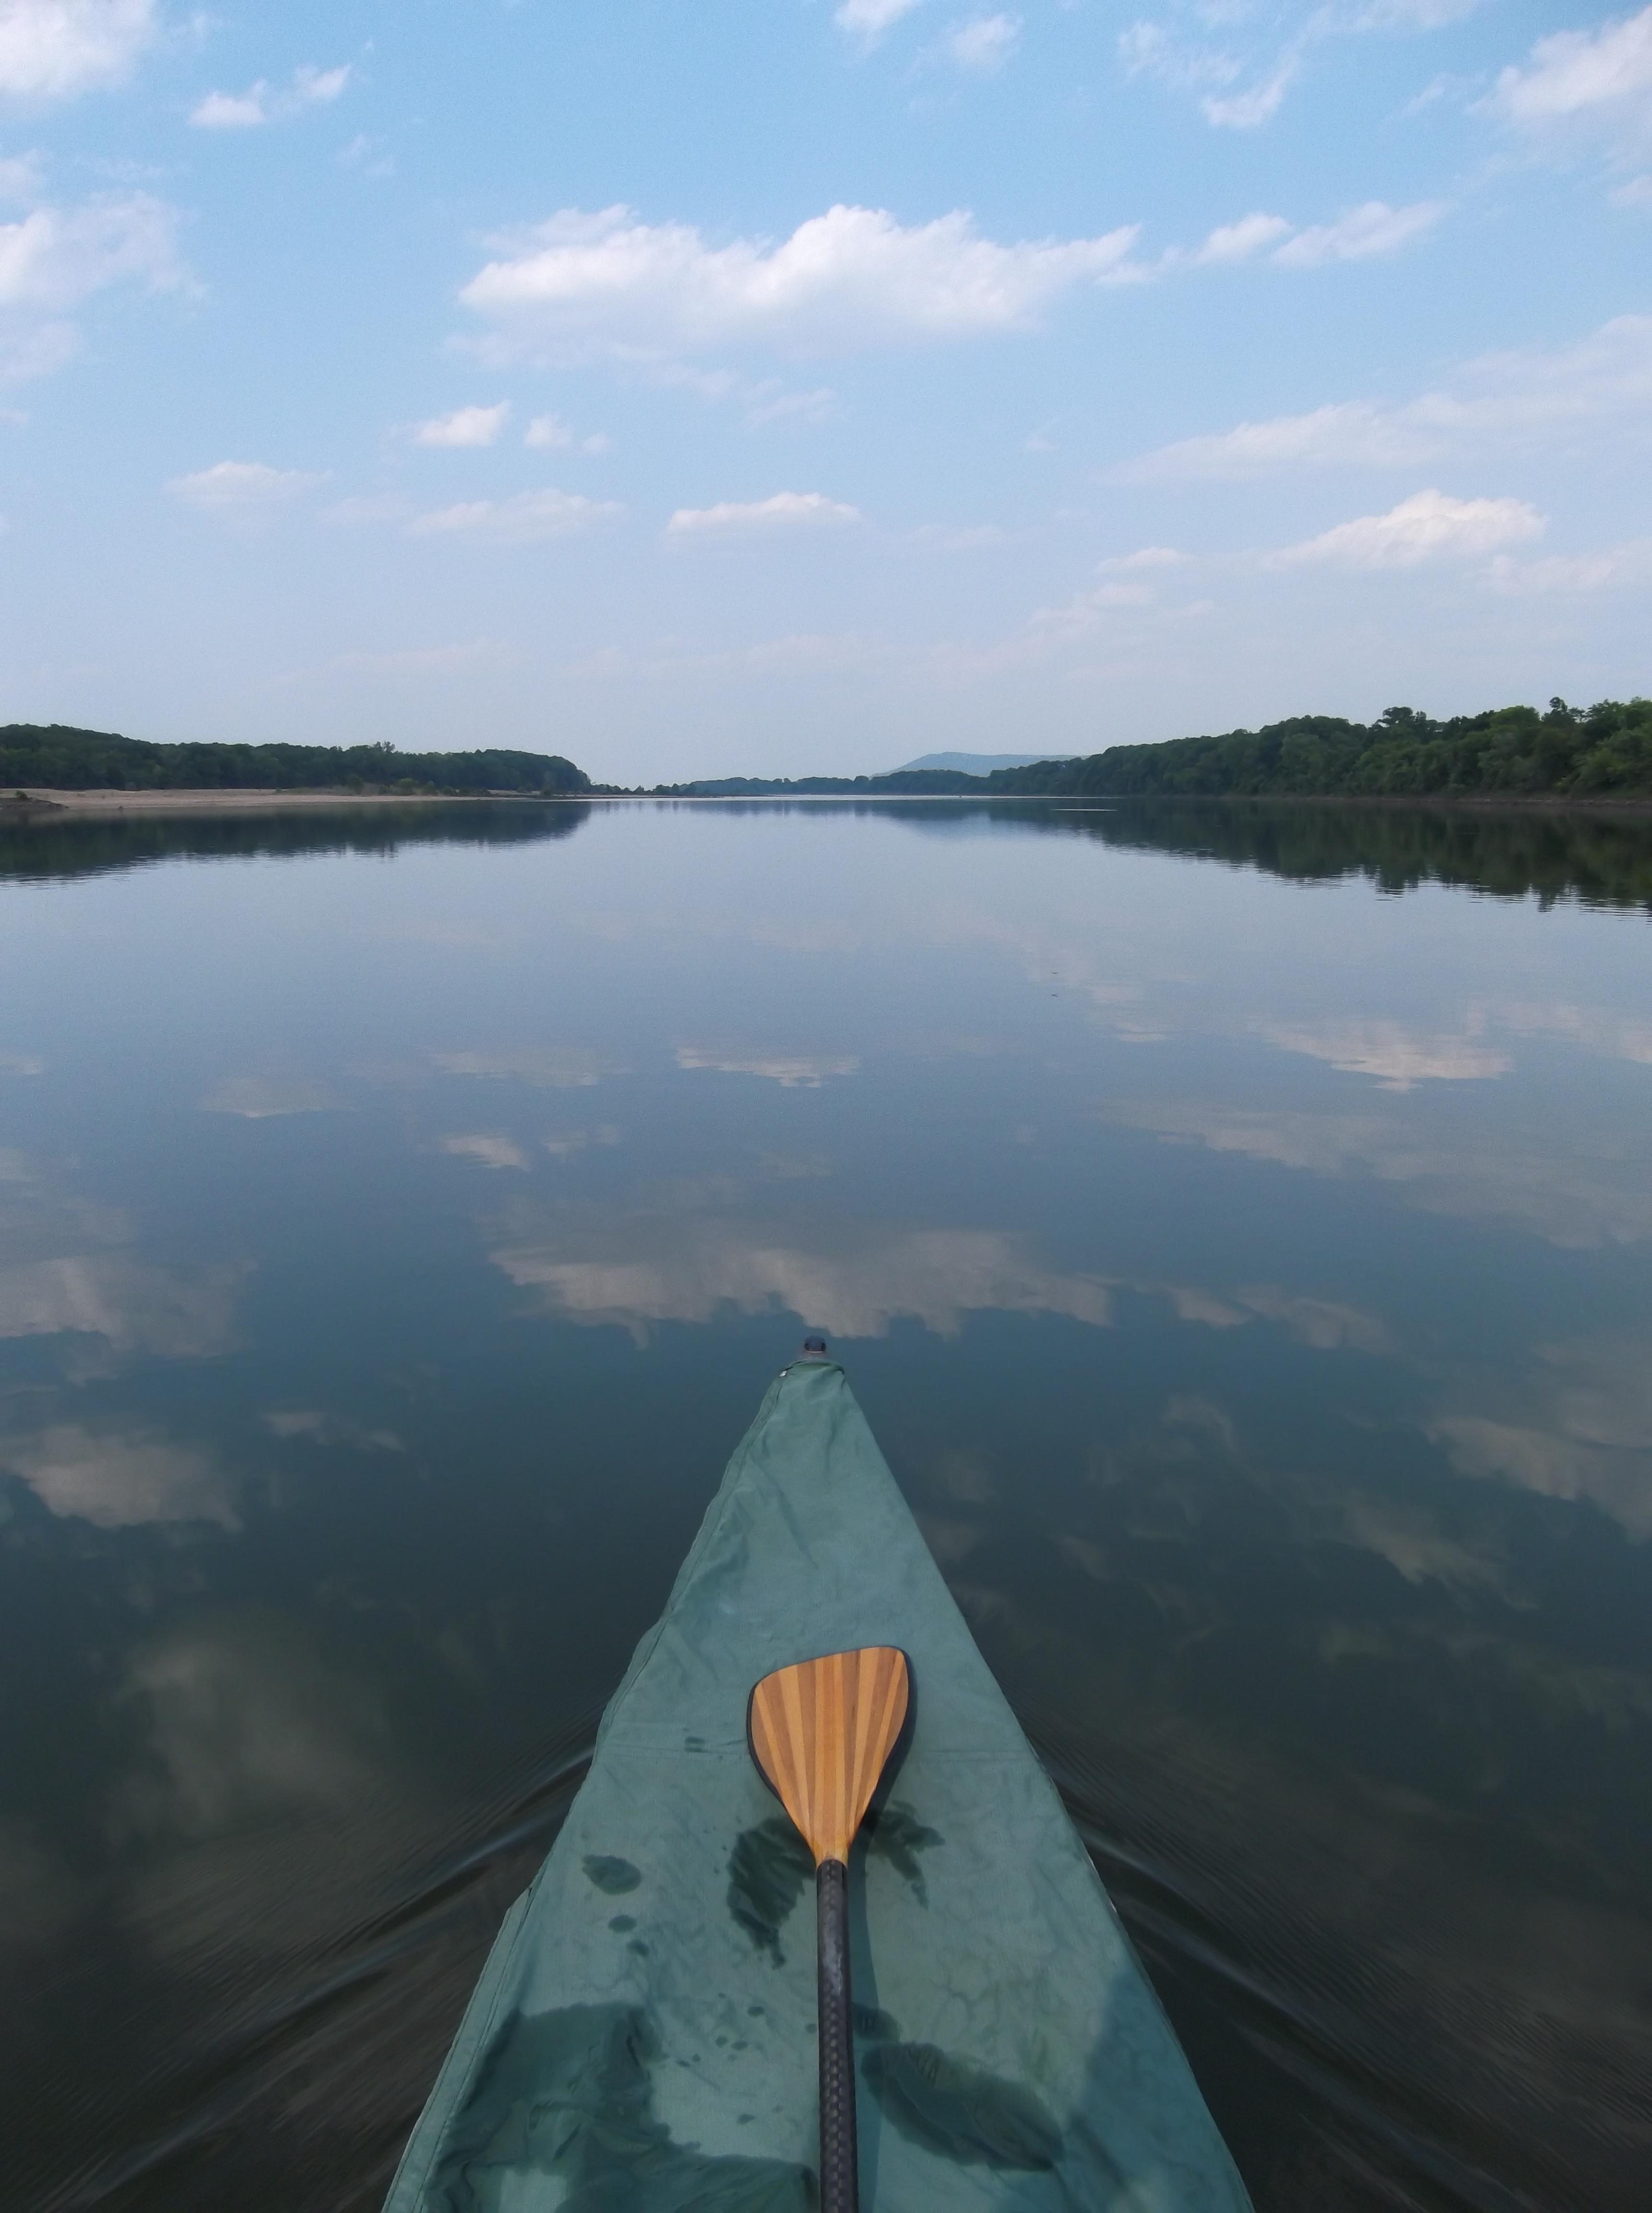 arkansas river traveler, ozark to cherokee park 407.JPG